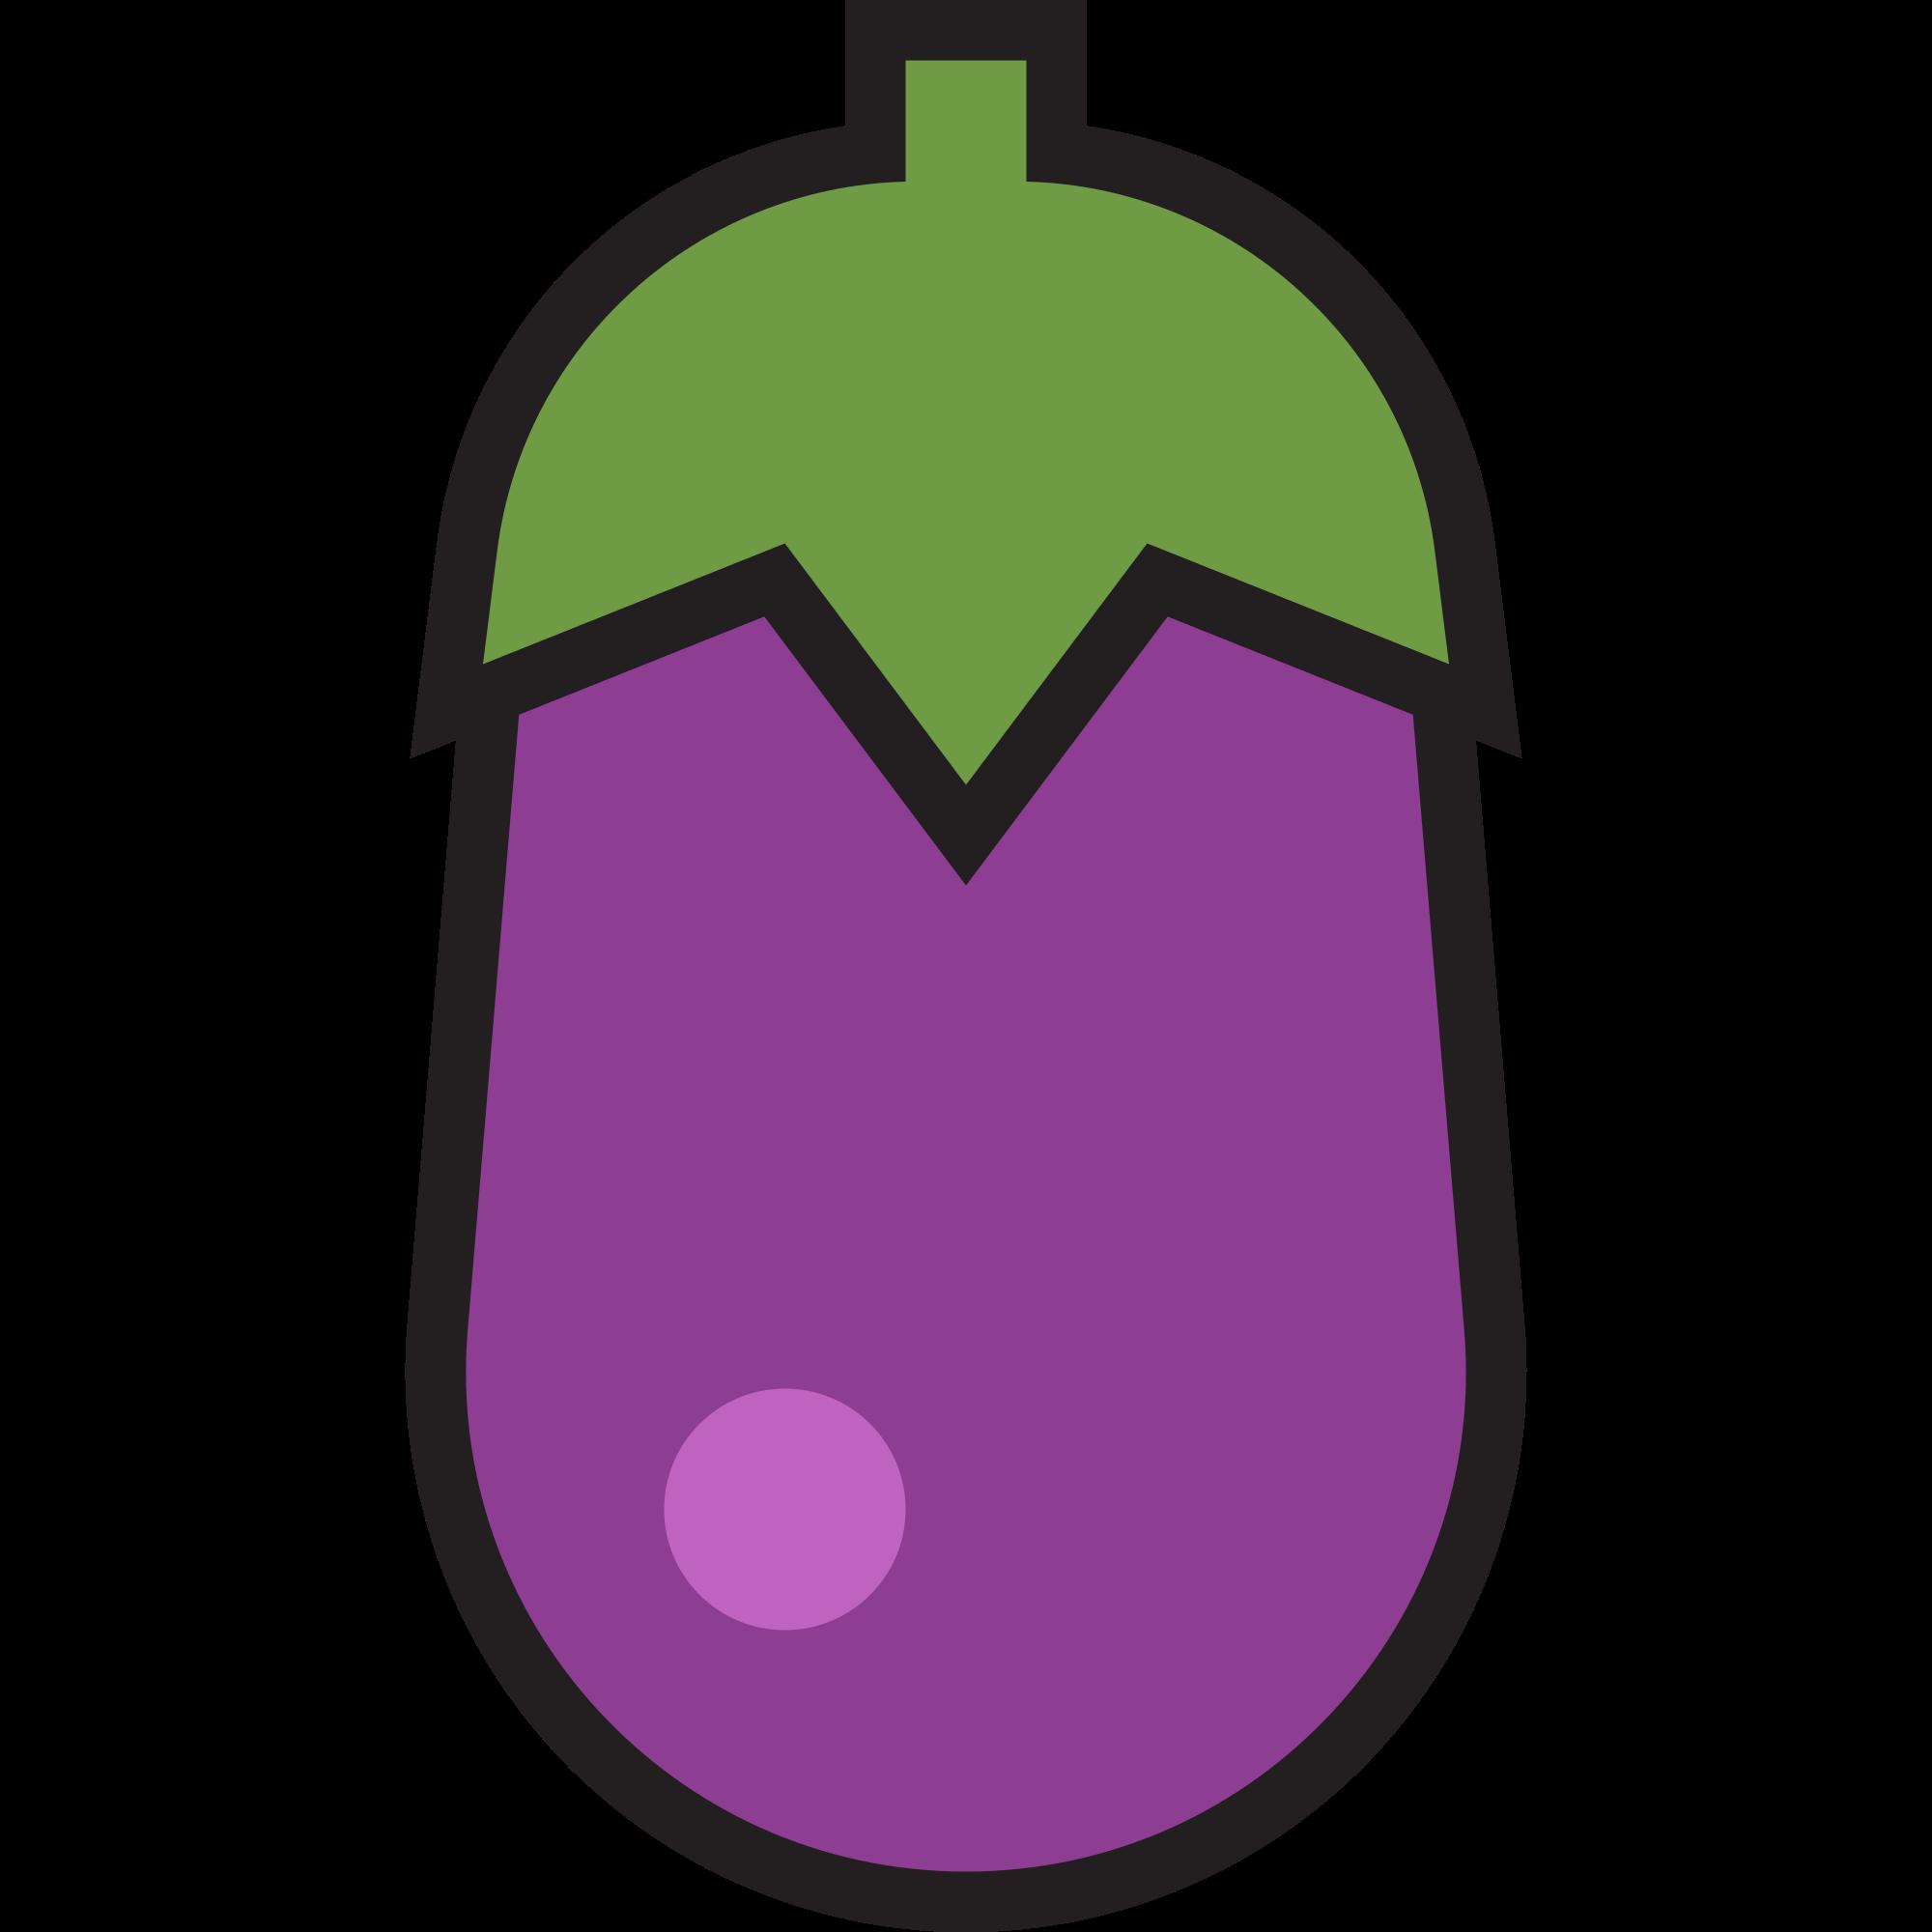 File toicon icon insinuate. Avocado clipart purple